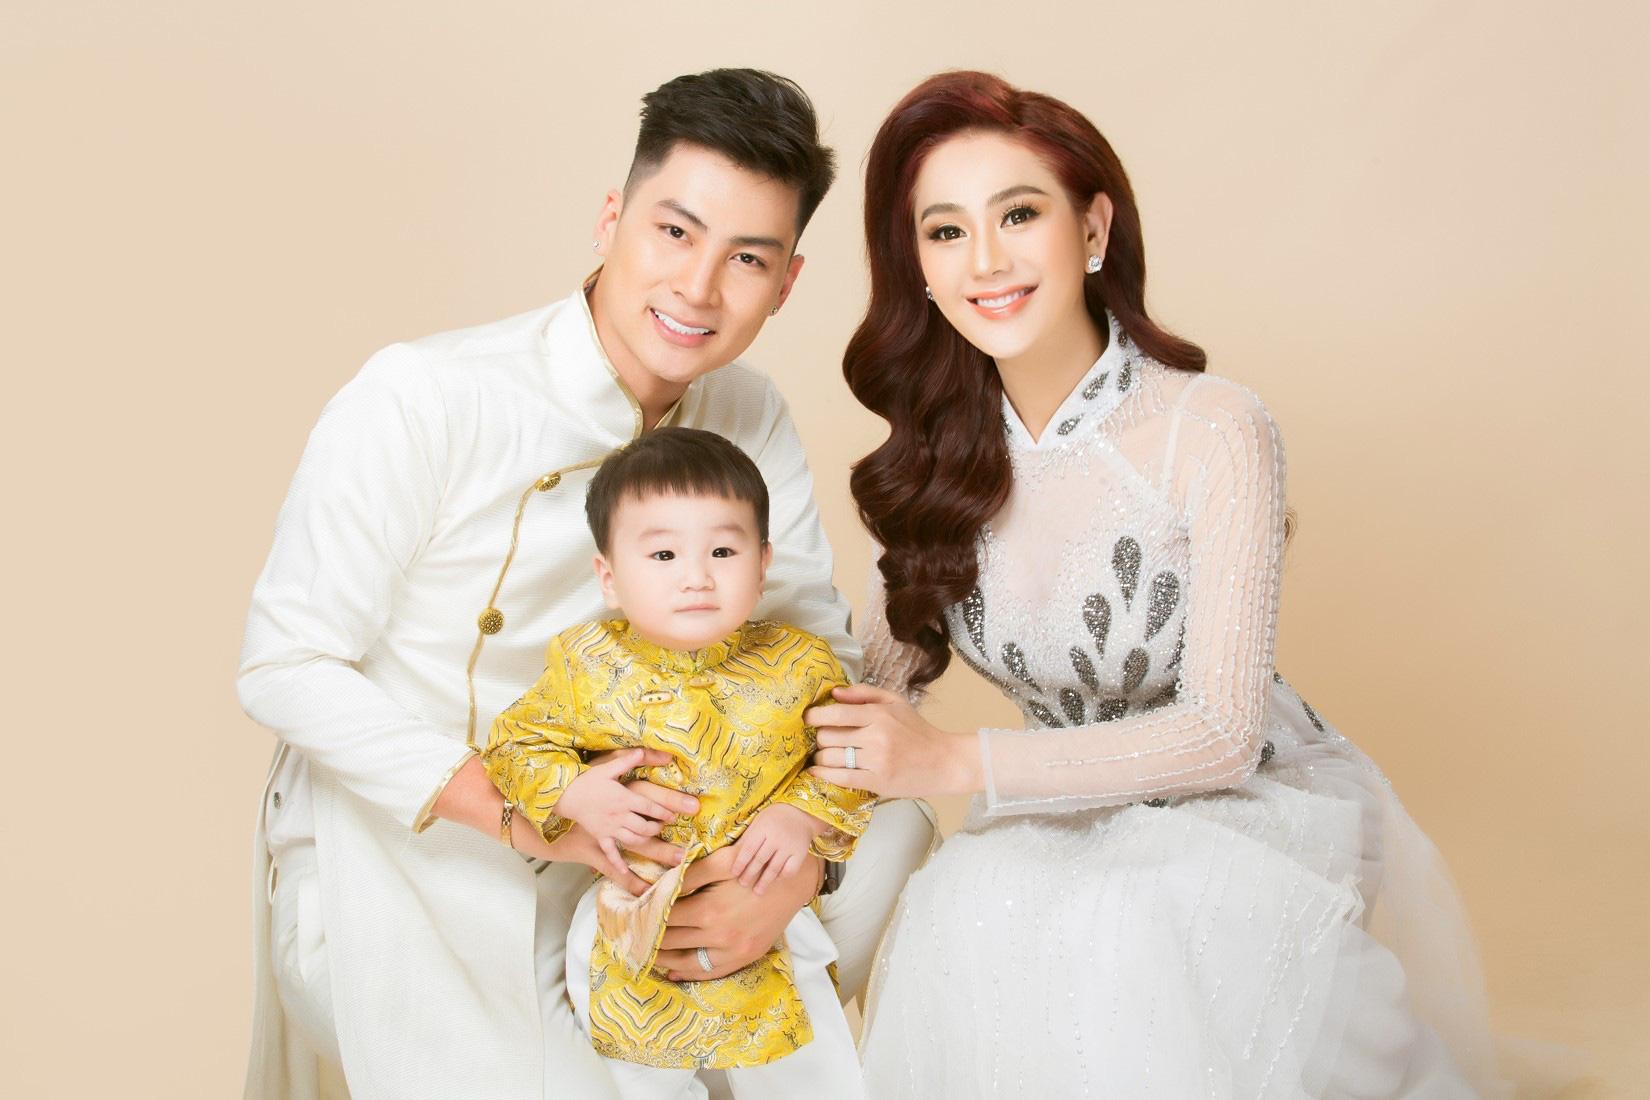 Ngoài An Nguy những cặp đồng tính Việt này vẫn sinh con, sống hạnh phúc khiến người thường ghen tị - Ảnh 3.